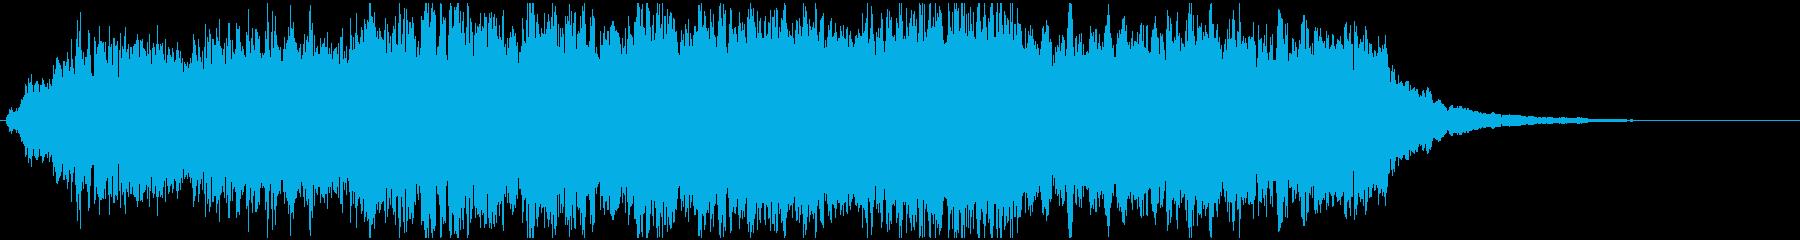 ゲーム:宿屋に泊まった音楽、クリア時の再生済みの波形